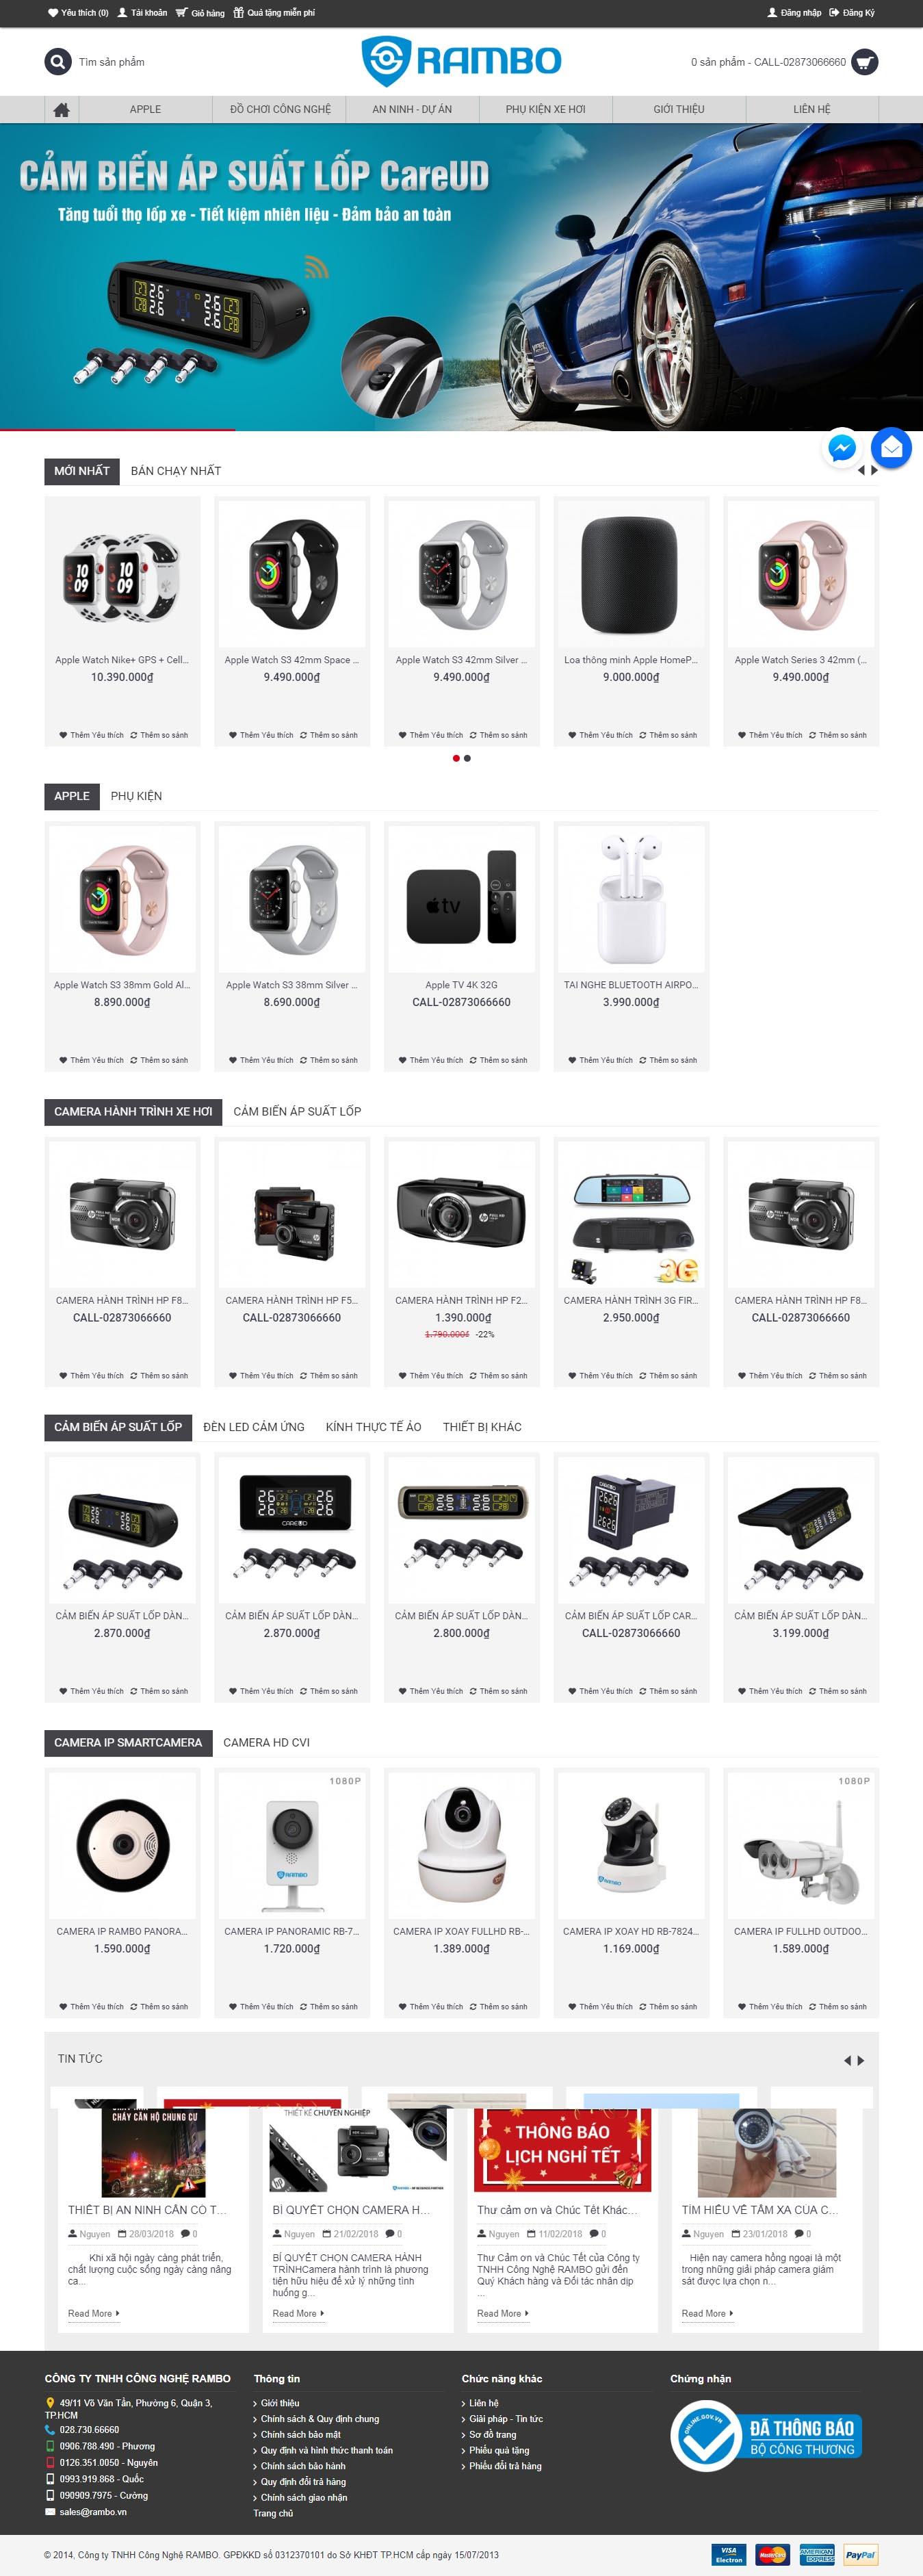 Mẫu Web Công Nghệ / CN0162